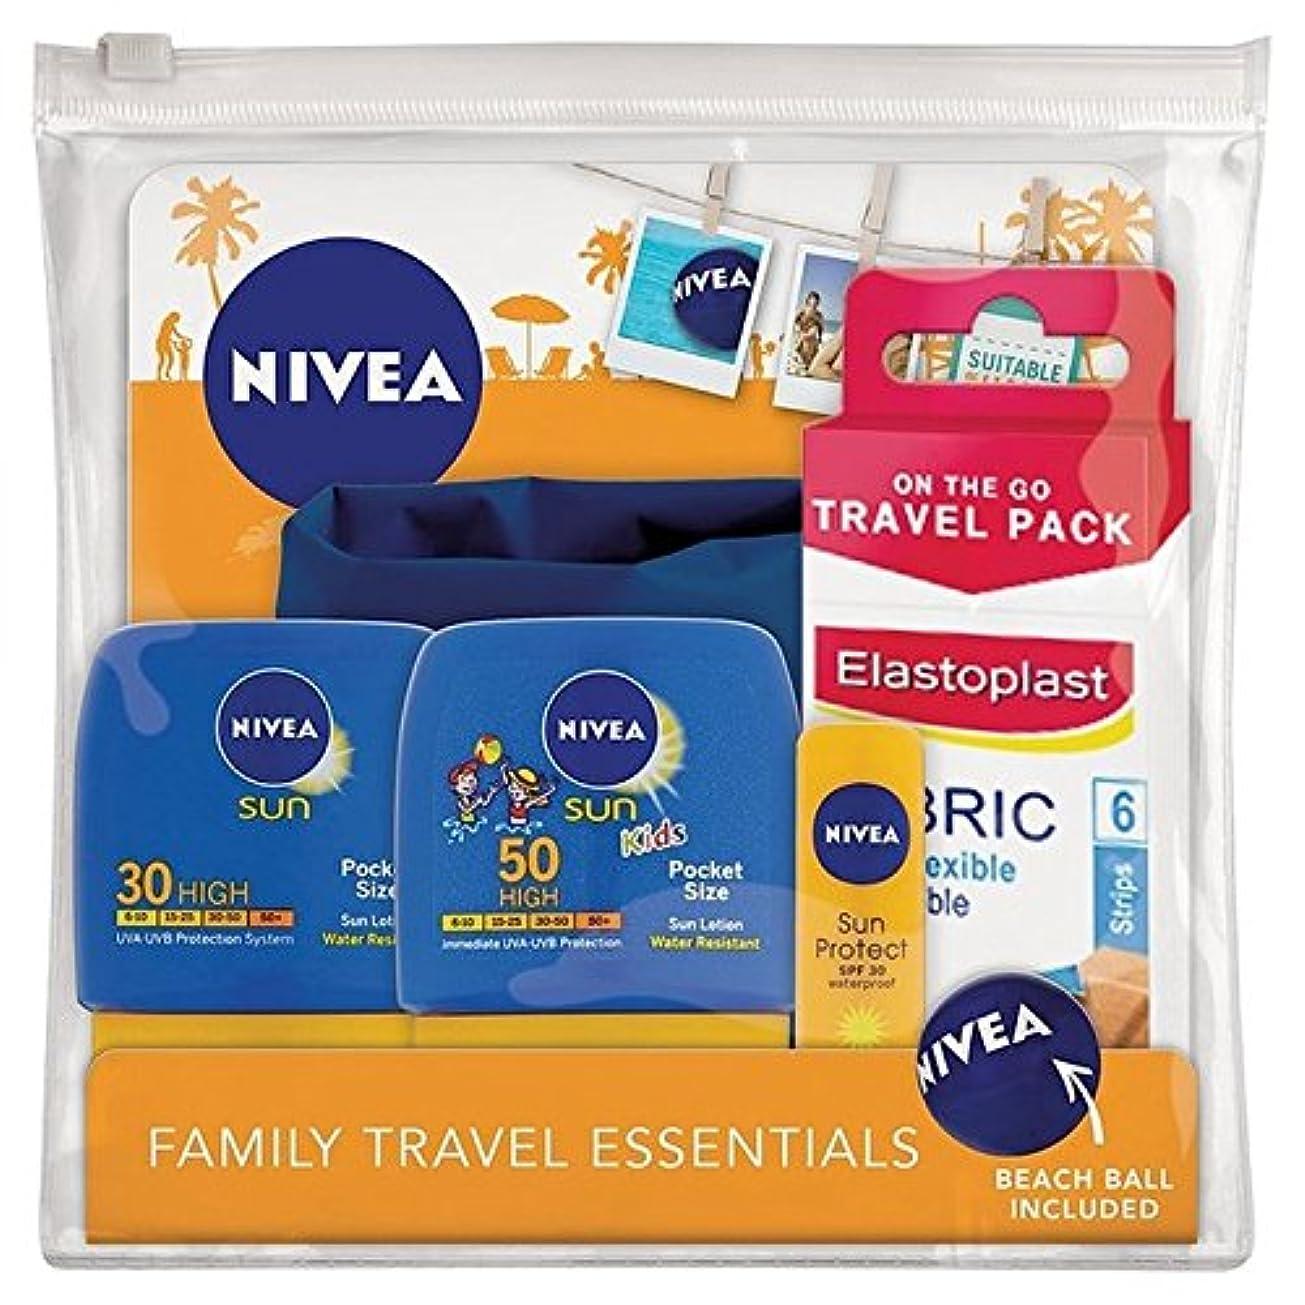 境界カイウス湾ニベア日旅行パック x2 - Nivea Sun Travel Pack (Pack of 2) [並行輸入品]